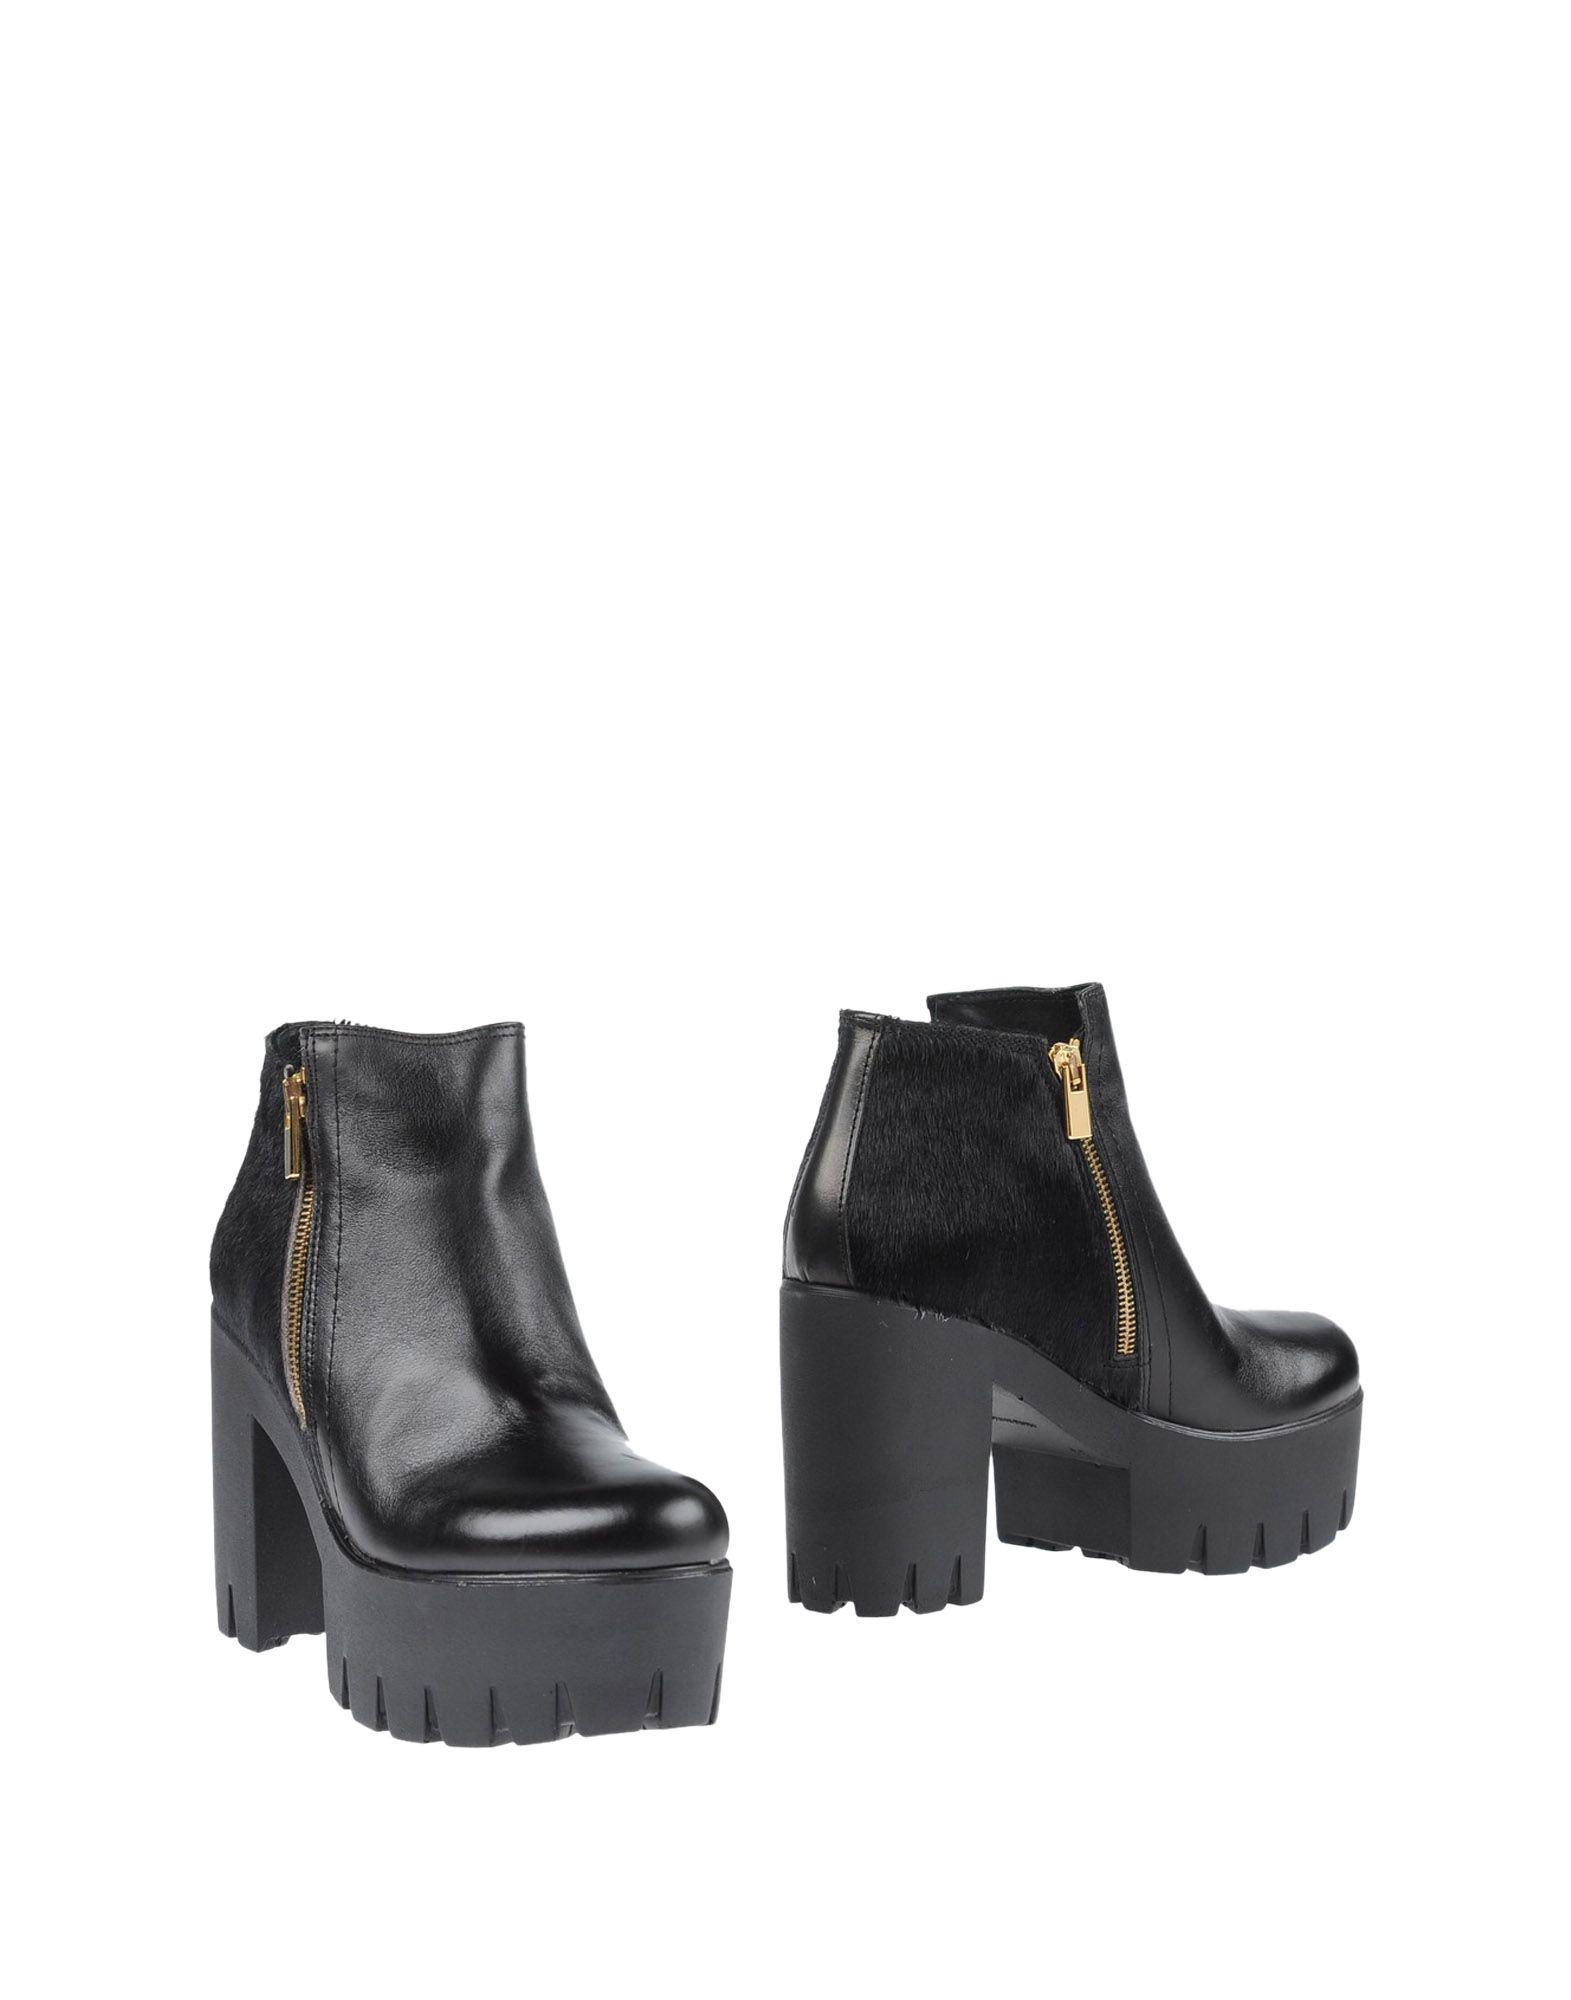 Stilvolle billige Schuhe Damen Tipe E Tacchi Stiefelette Damen Schuhe  44897731SX 17f1e5